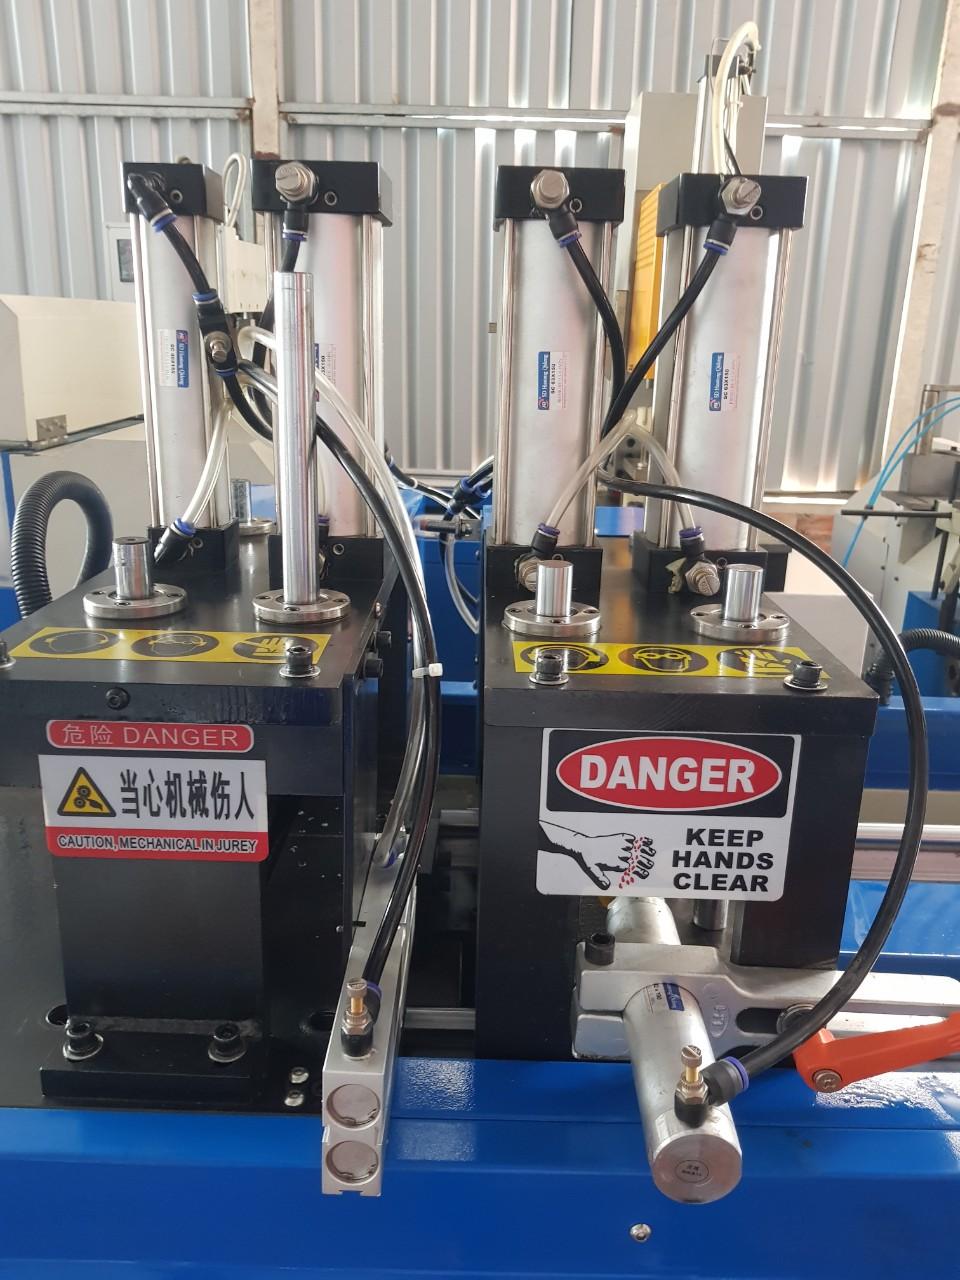 Máy cắt ke CNC, cắt 3 thanh cùng lúc, điện 380v, lưỡi cắt 500mm, hiệu Fanzer